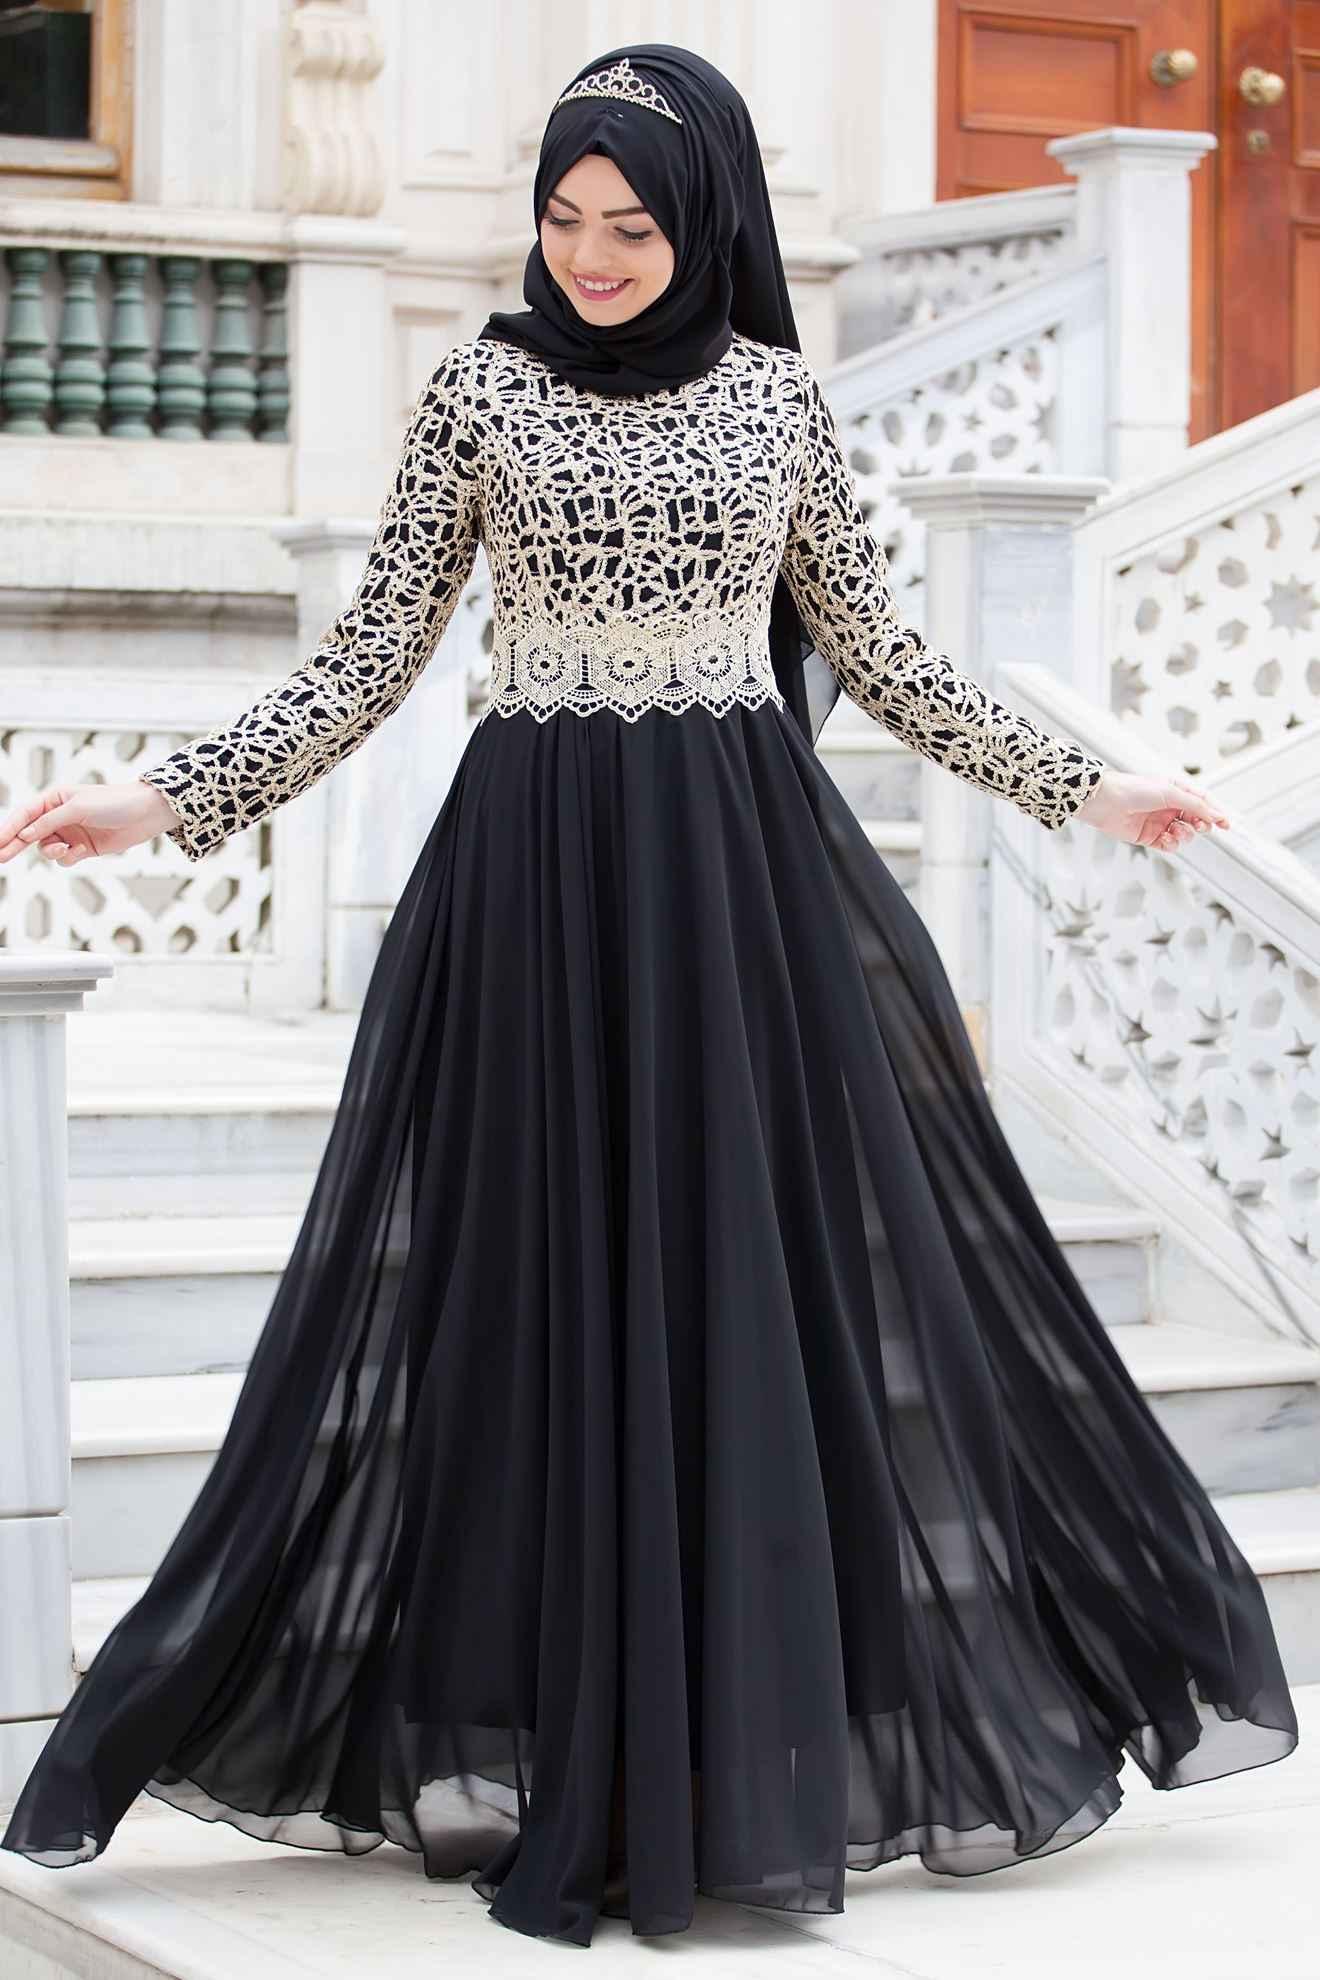 f1aa2913b07c5 En Güzel Sedanur Tesettür Giyim   Moda Tesettür Giyim